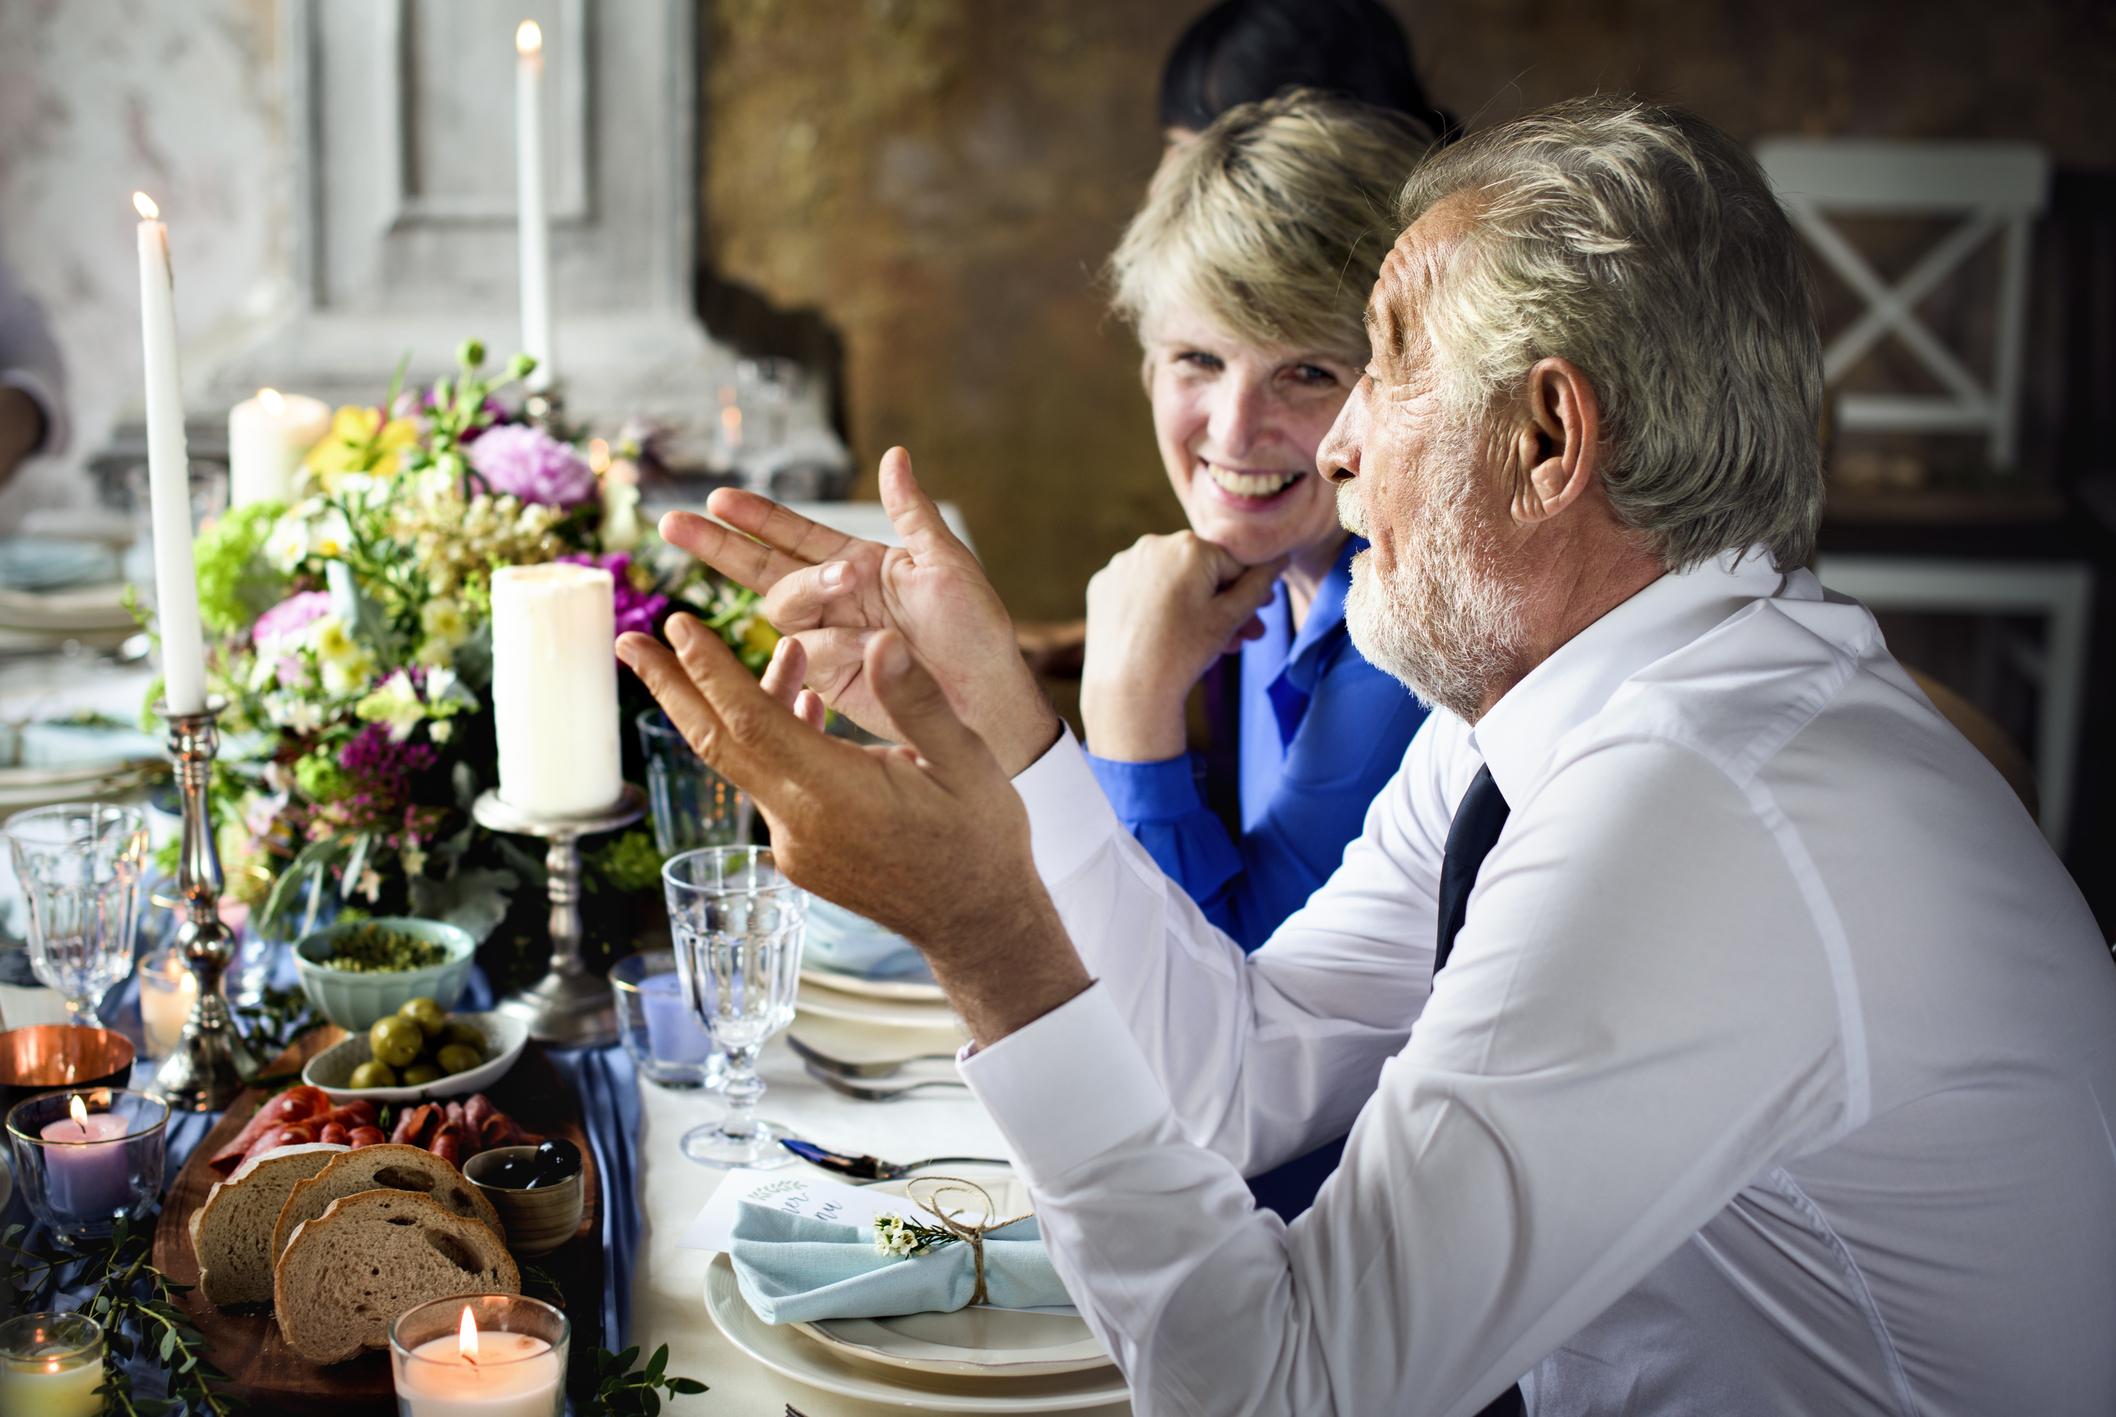 結婚式 年配ゲストケアについて